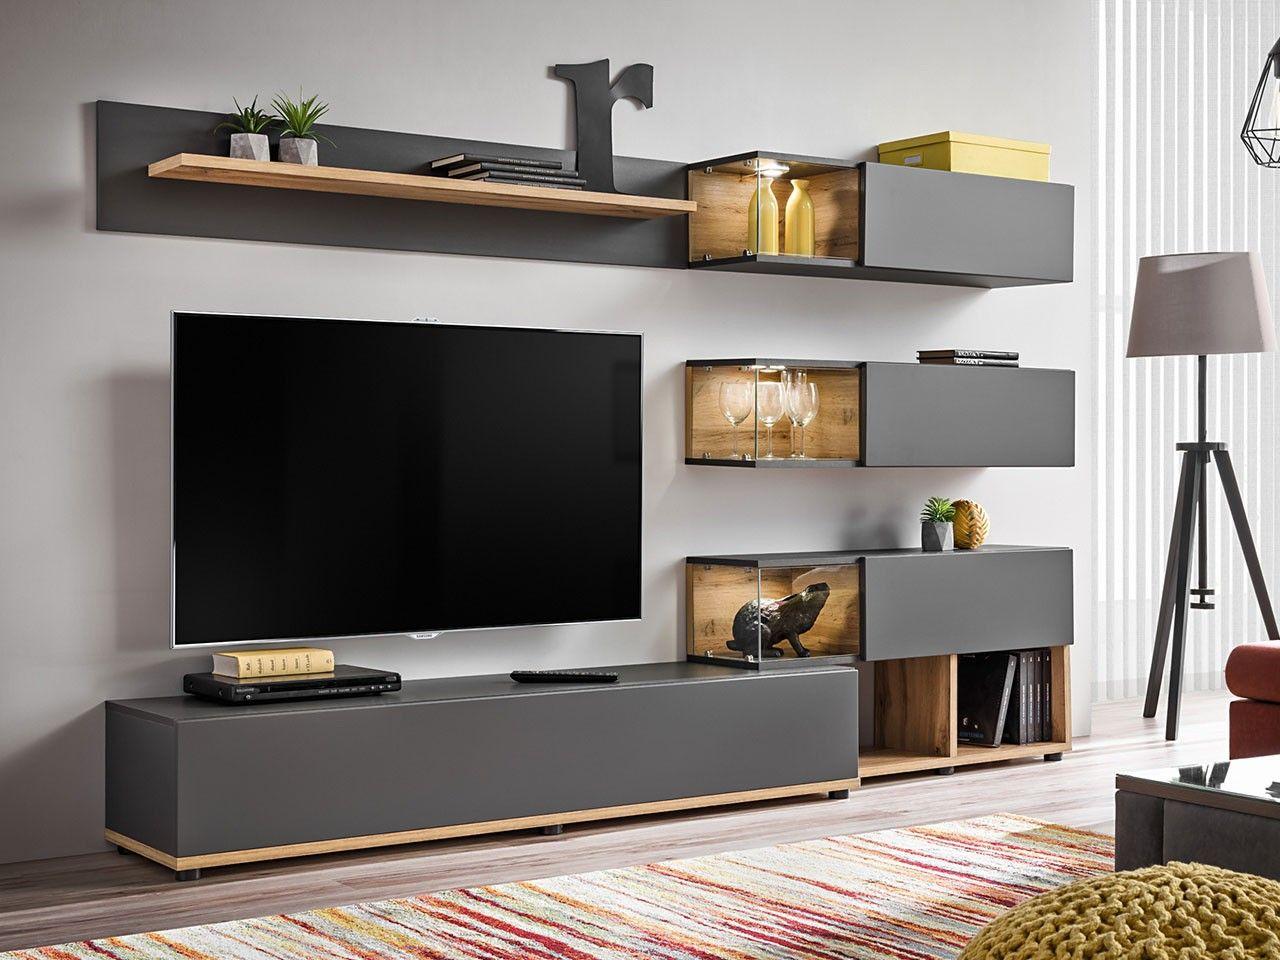 Wohnwand Zanzibar Wohnzimmer Design Wohnen Wohnzimmer Grau